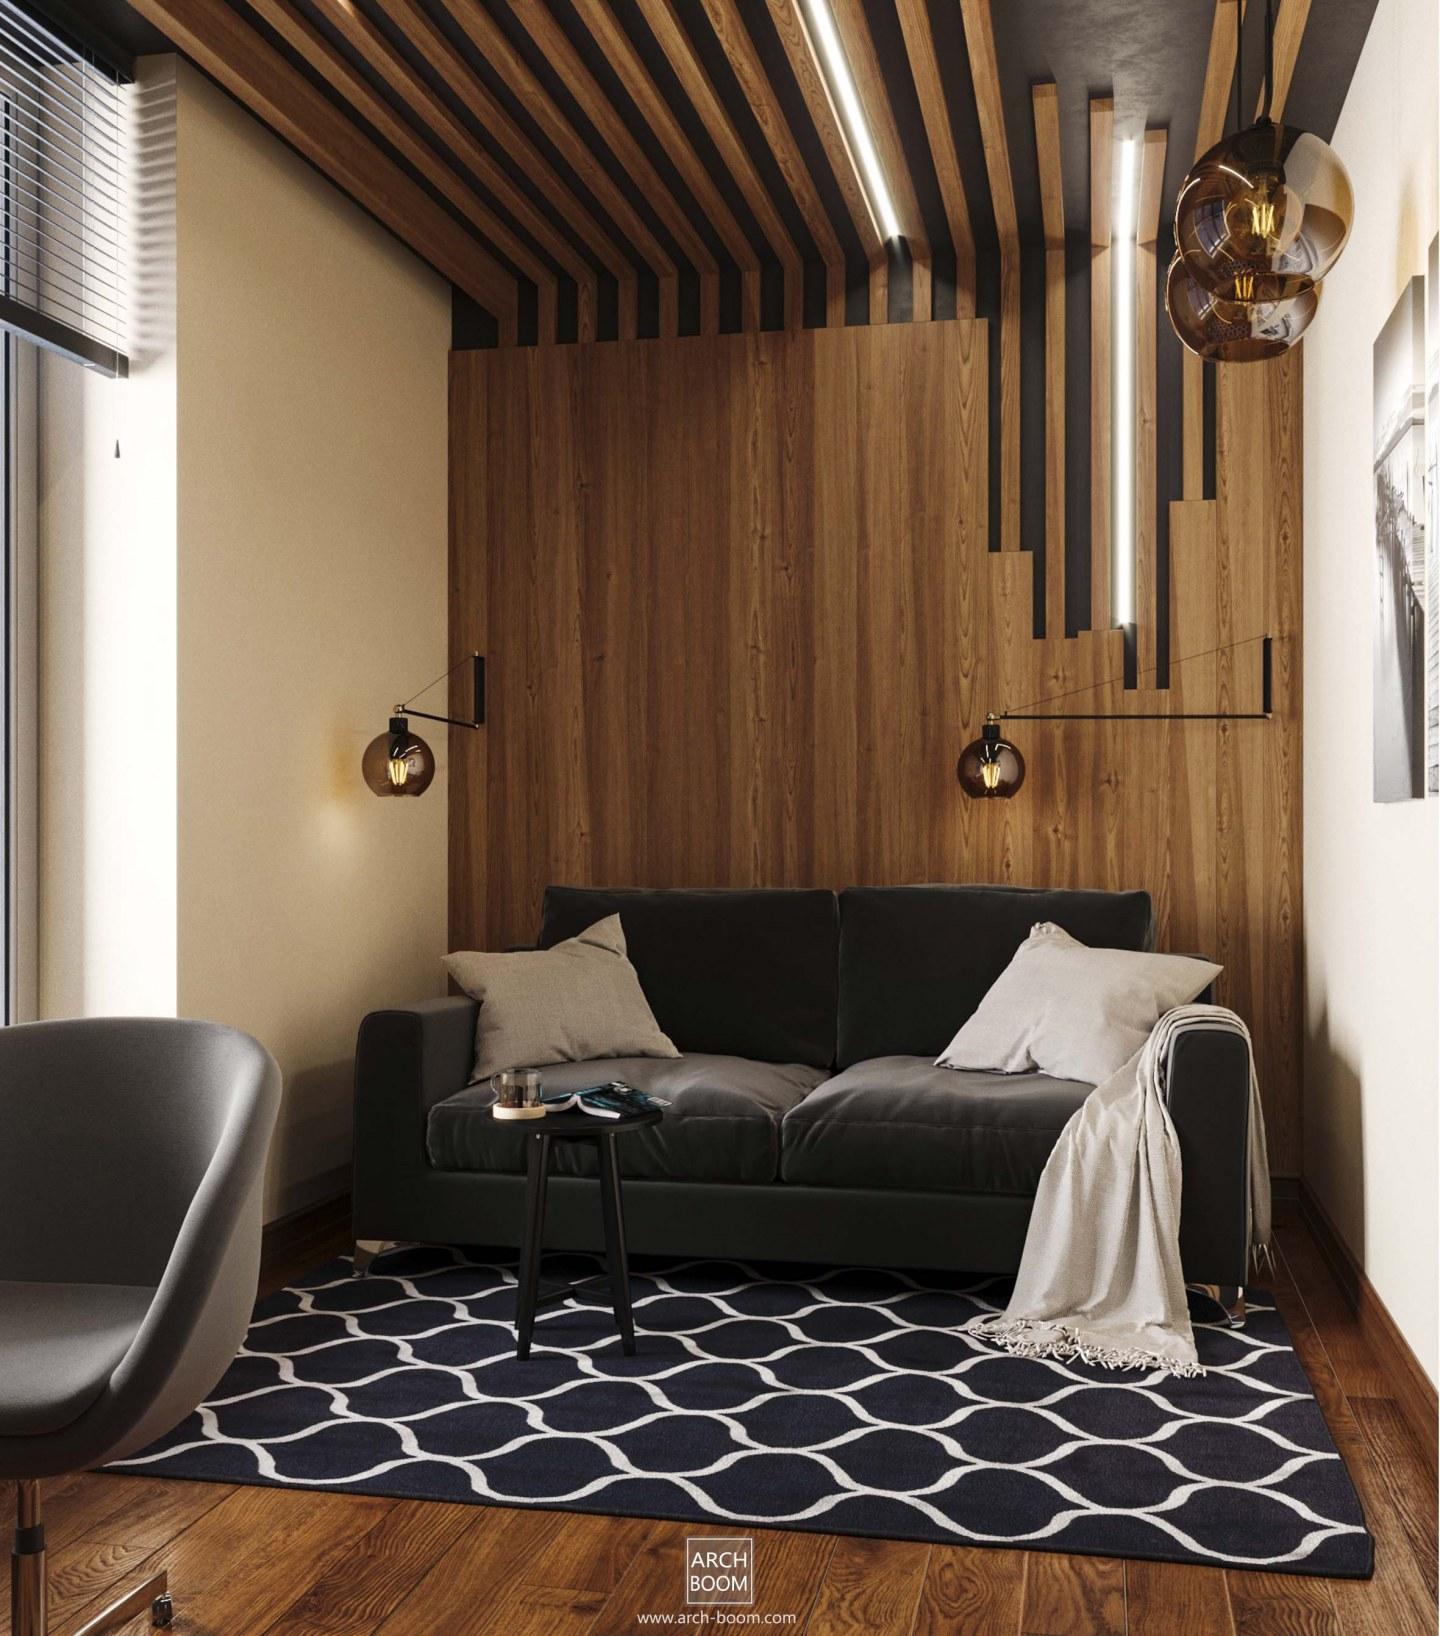 foto pokoju dla gości z drewnem na ścianie